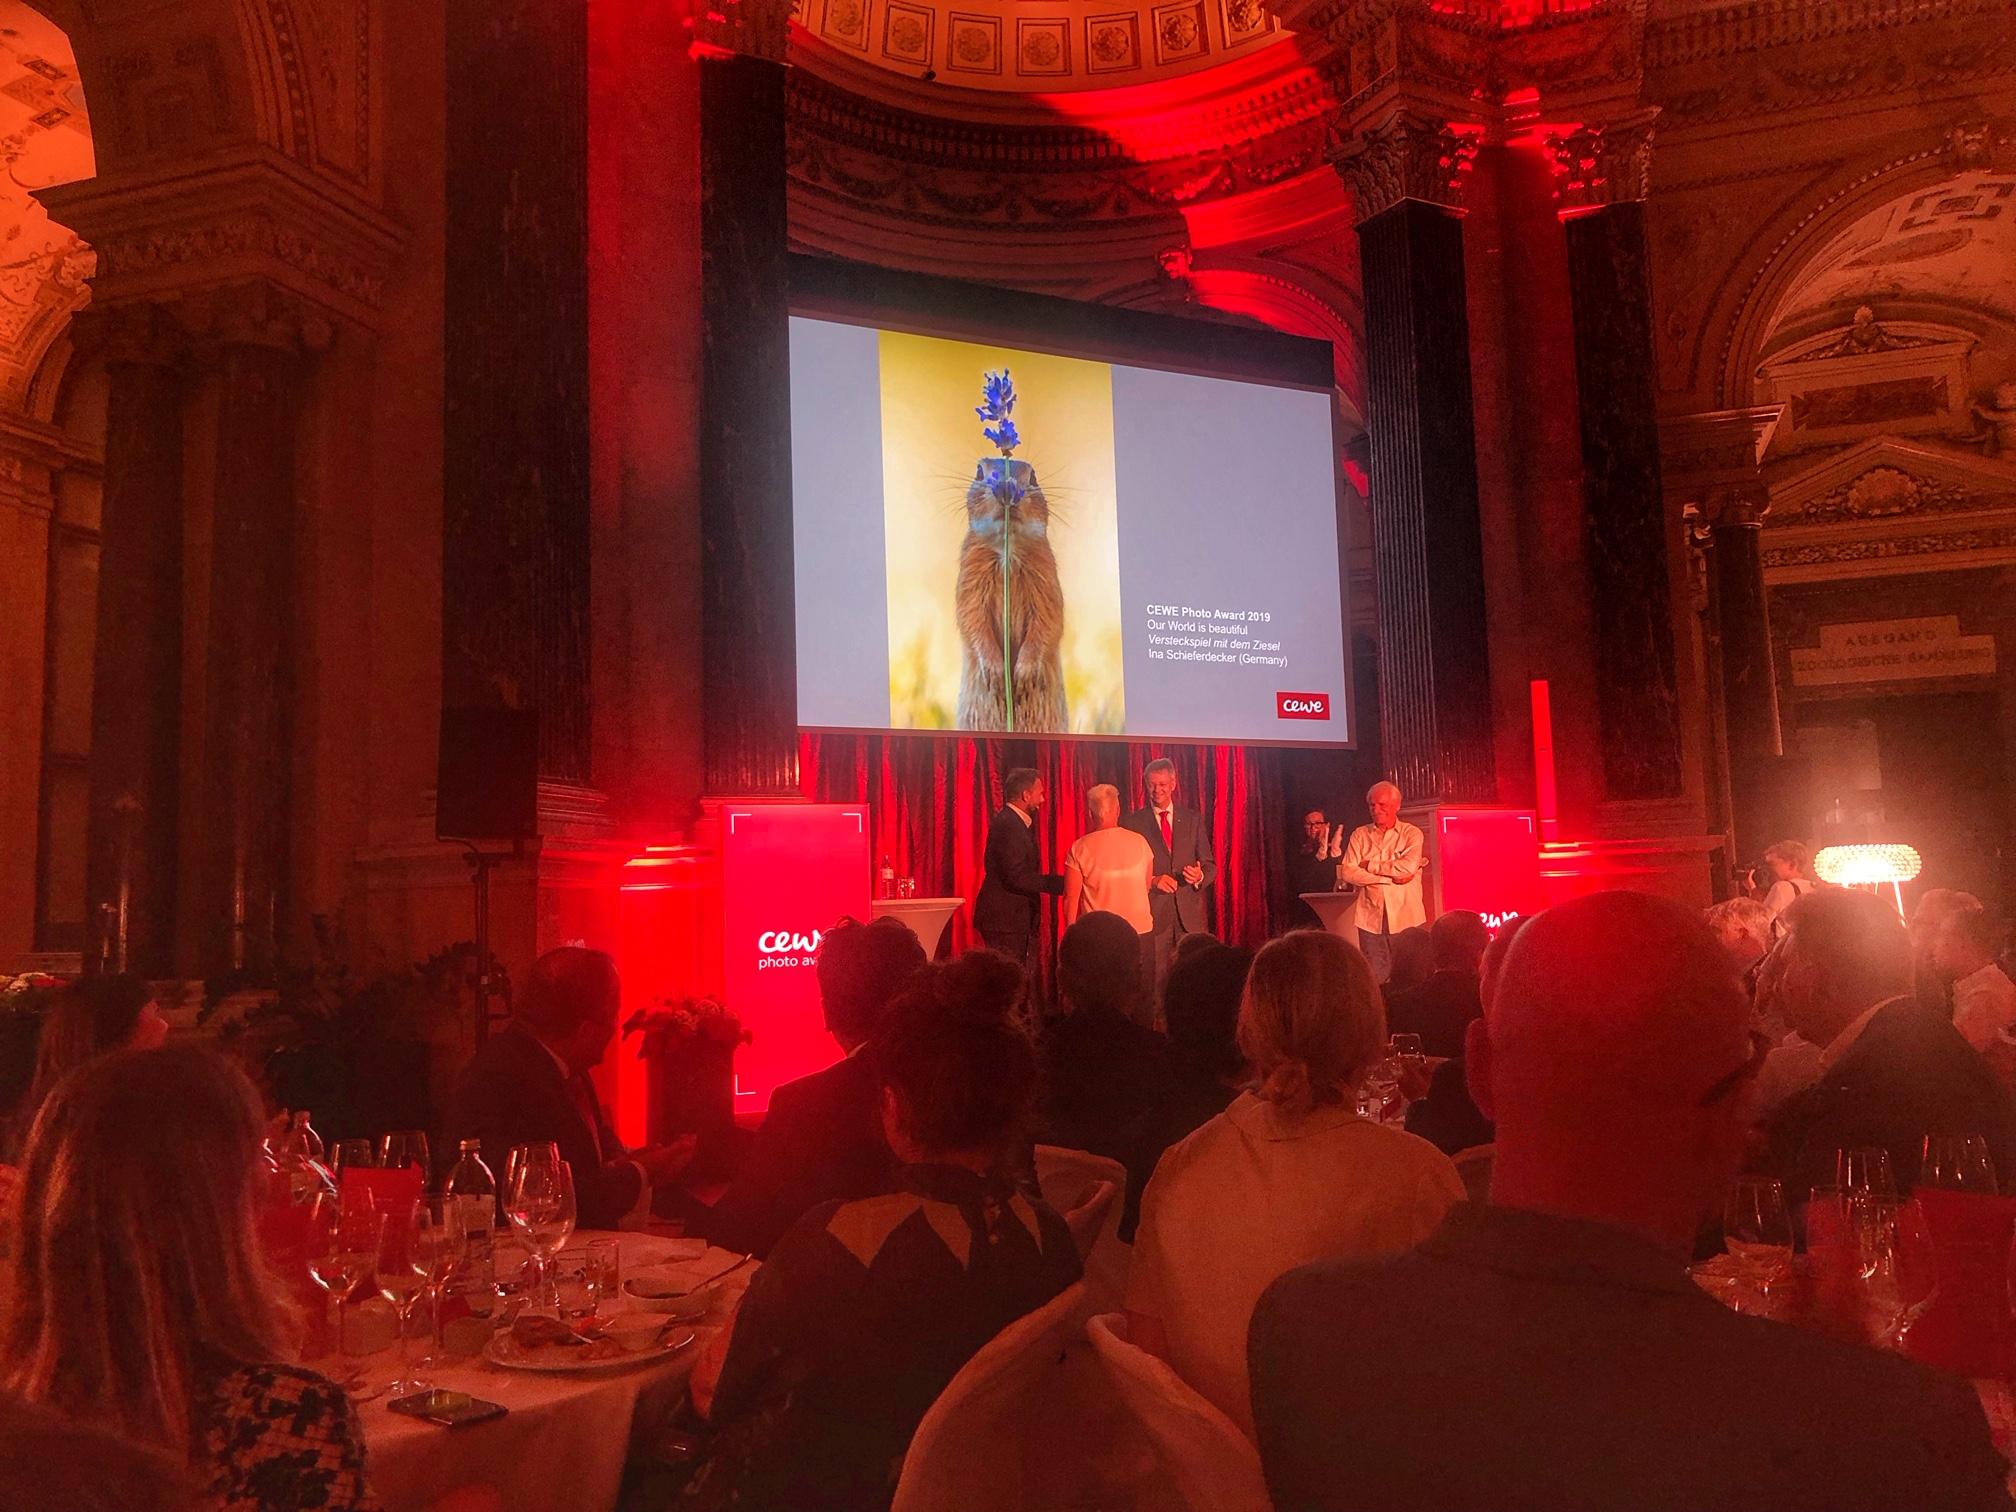 CEWE Photo Award Ziesel